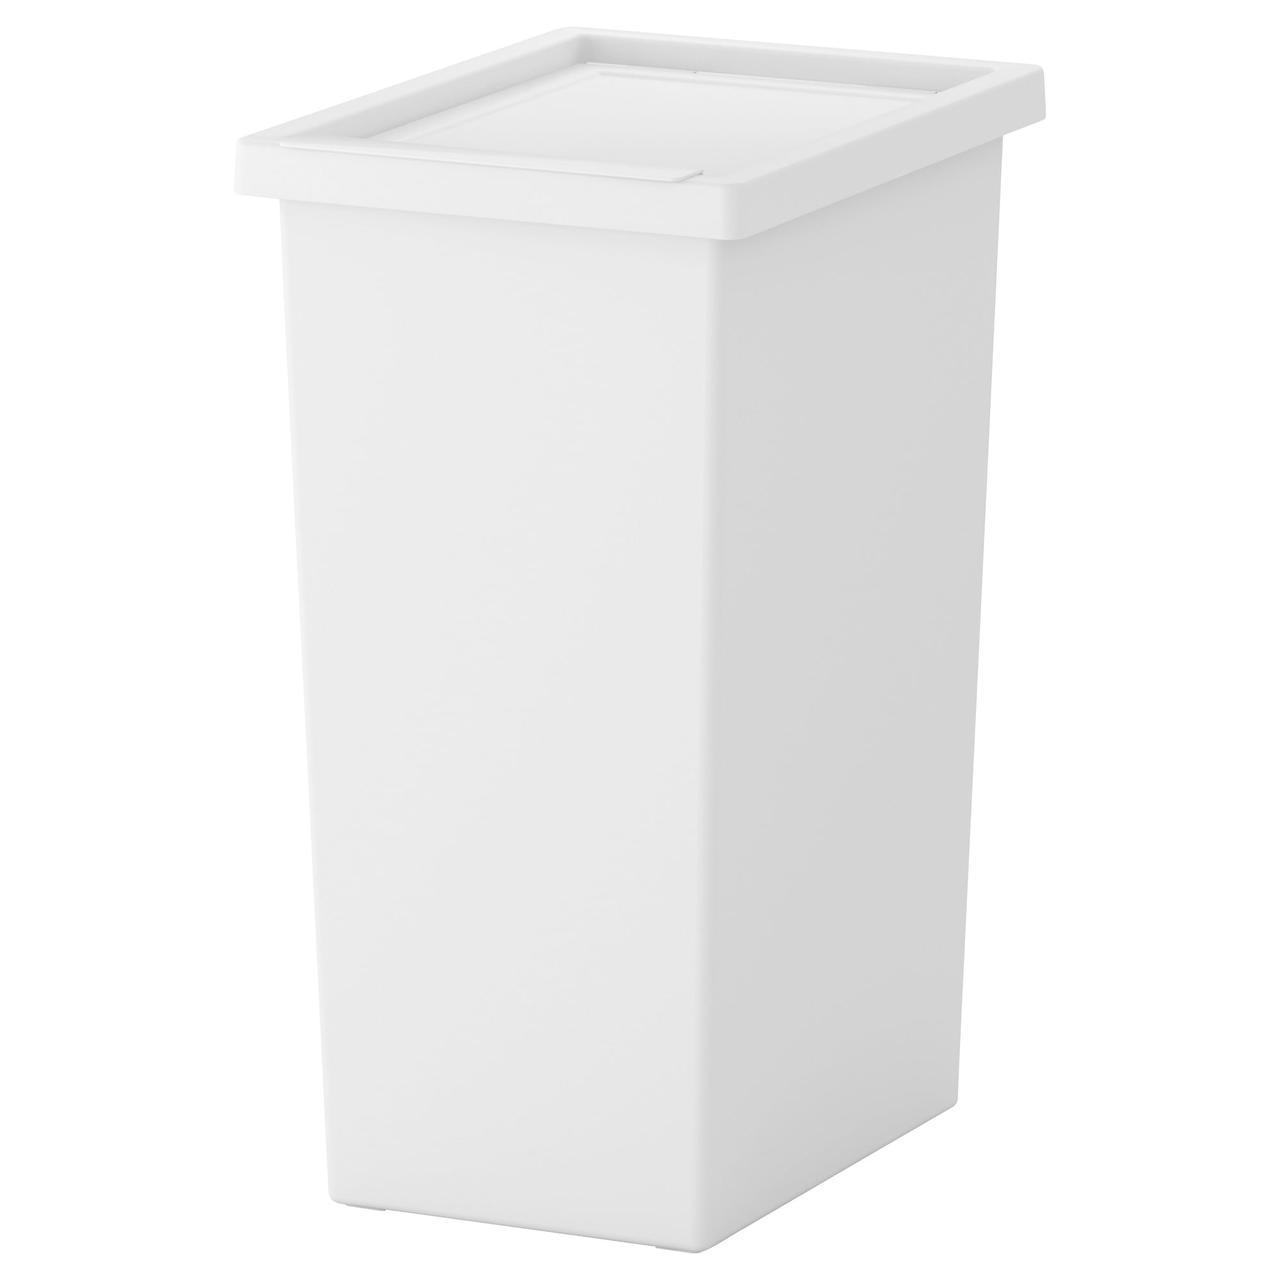 FILUR (201.938.99) Пластиковая корзина с крышкой